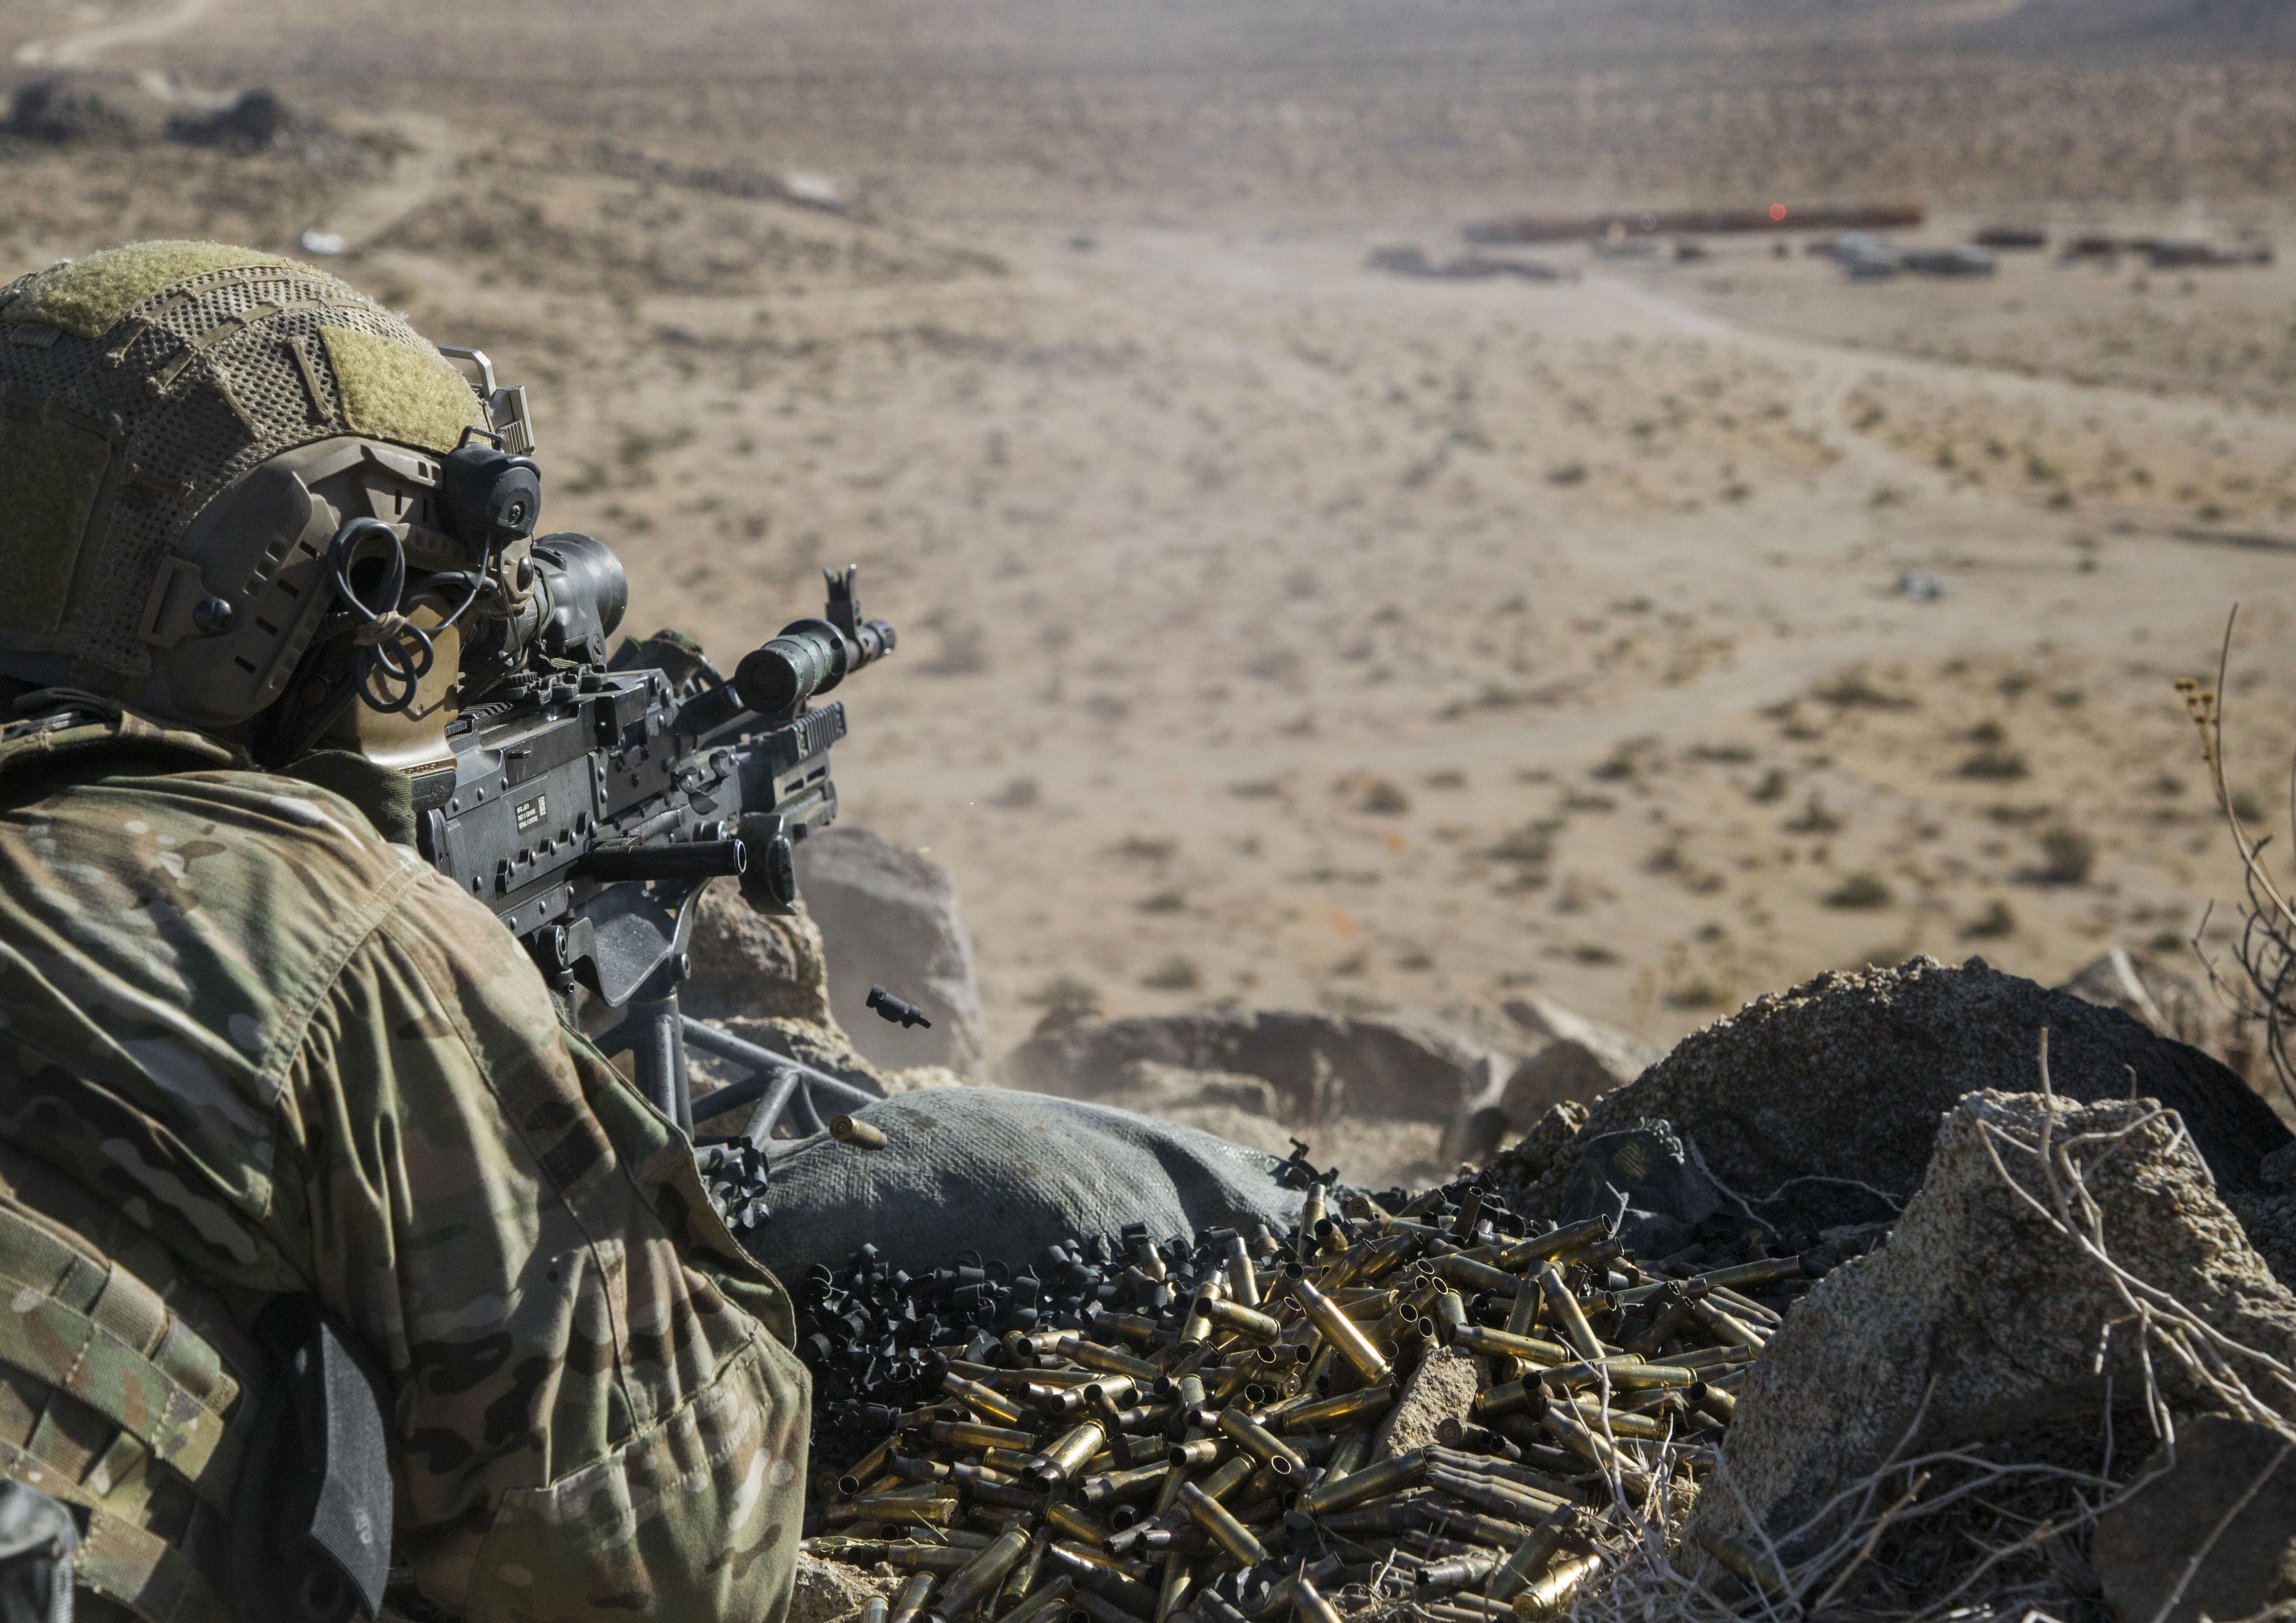 1st ranger battalion m240 gunner